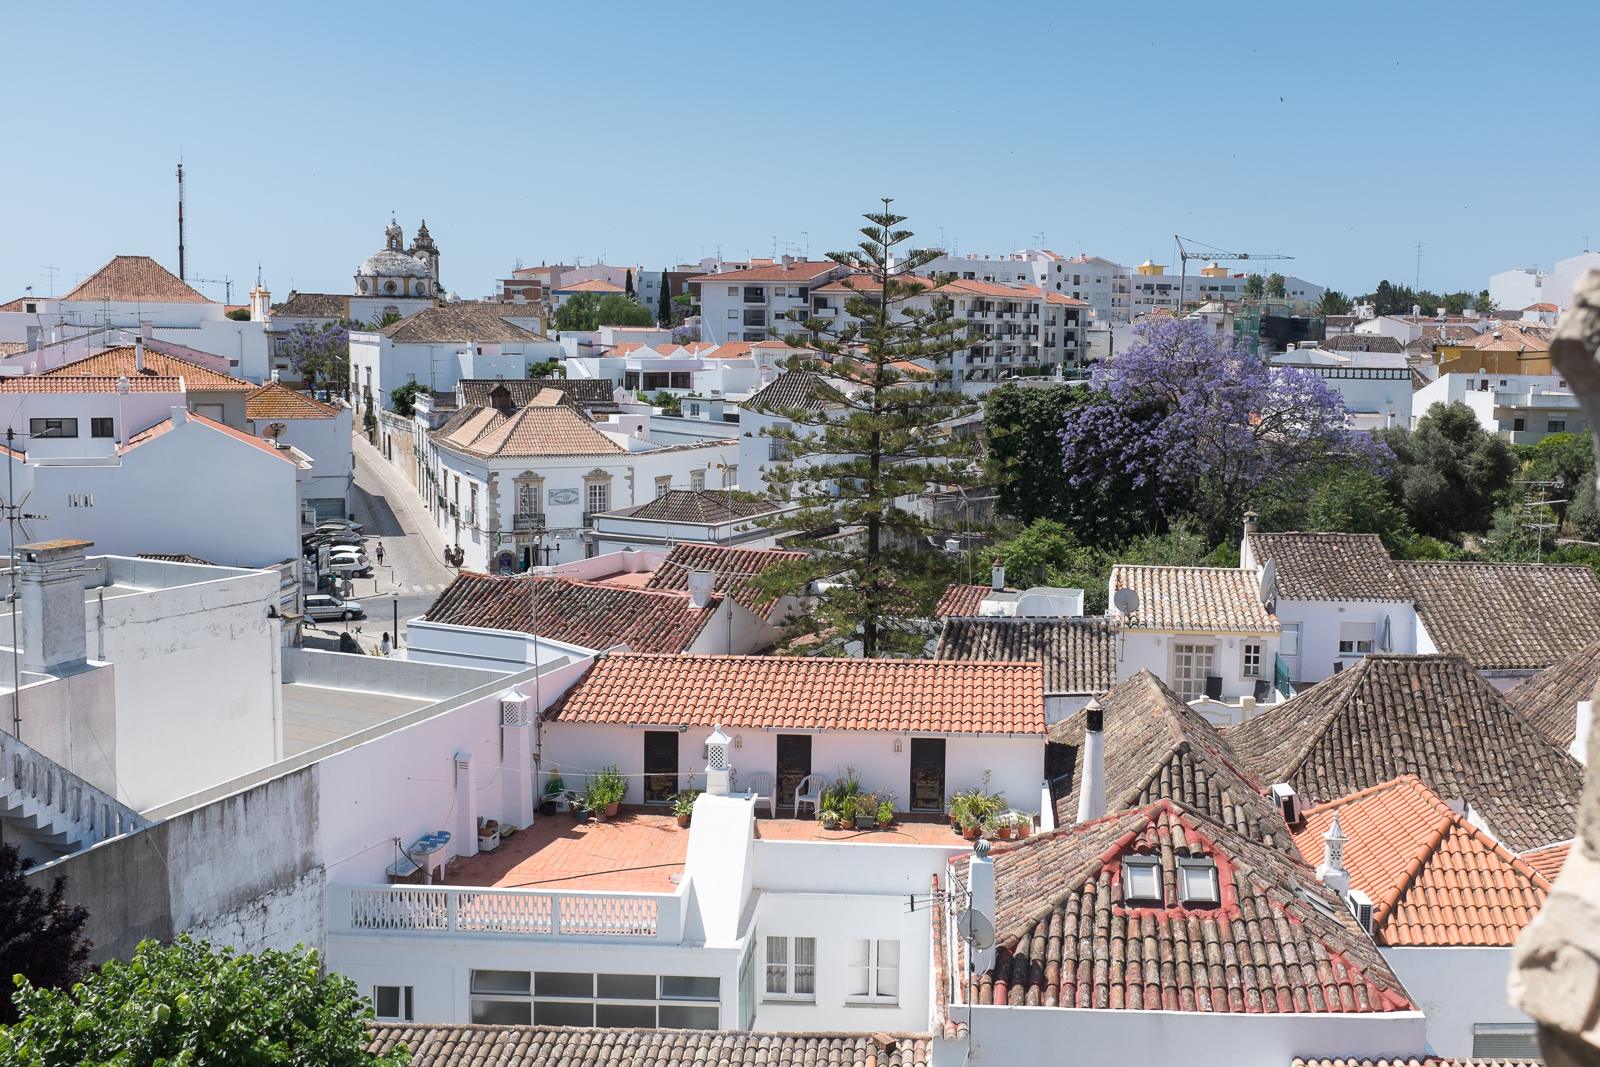 Dag07-Algarve-015-DSCF1923